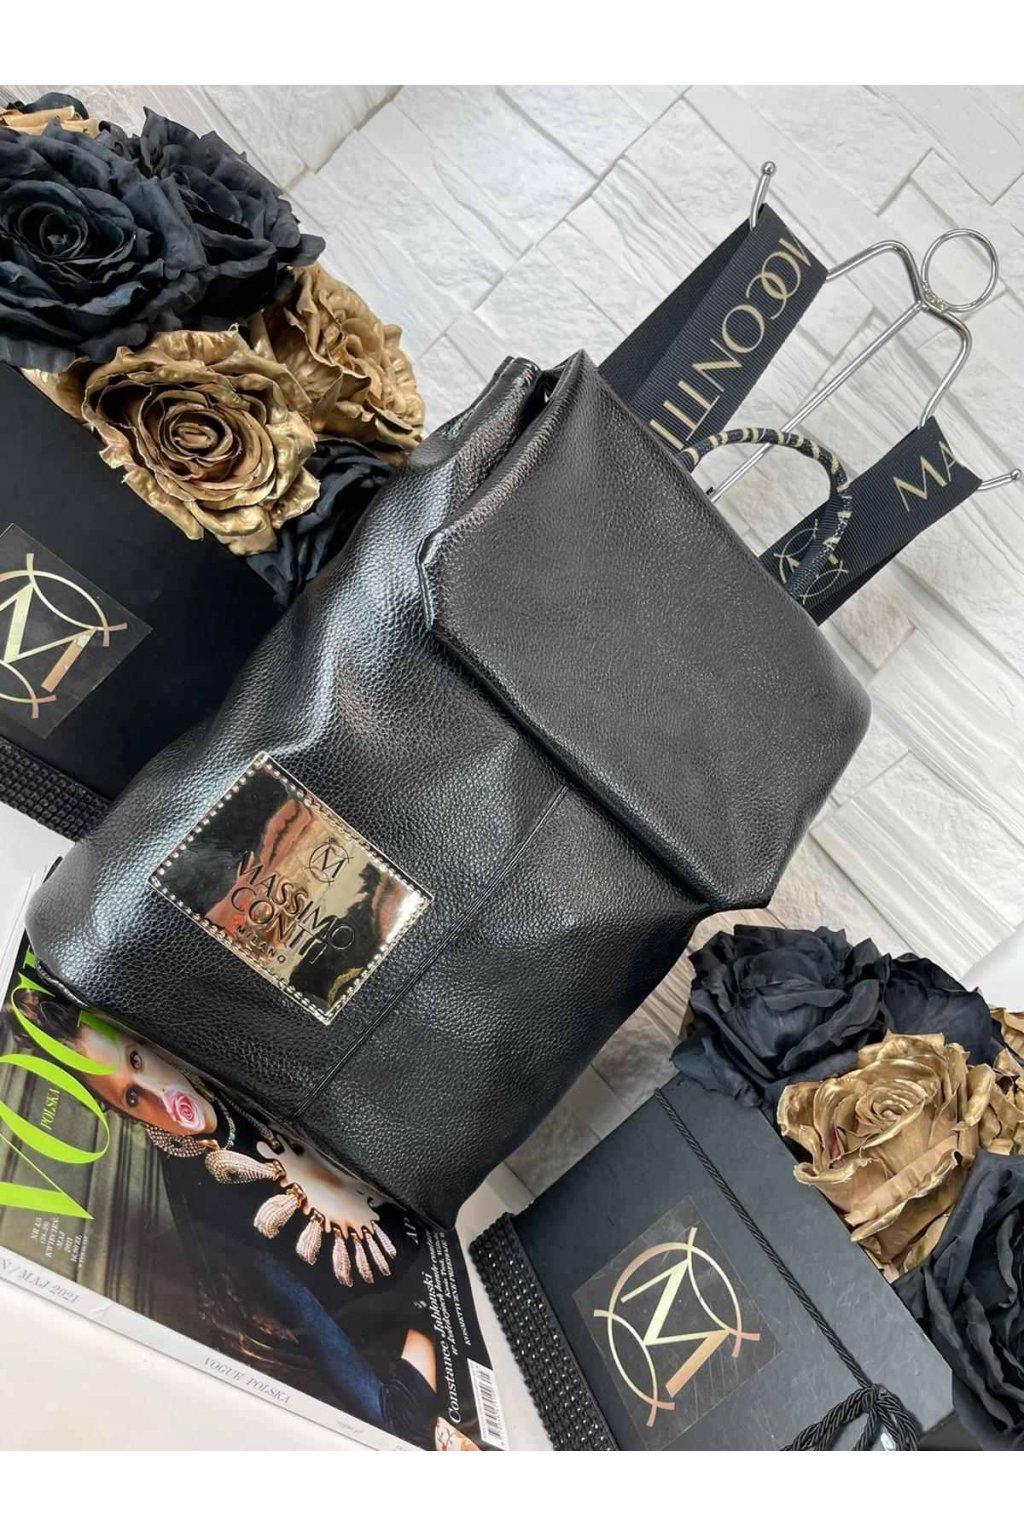 MASSIMO contti batoh značkový italy fashion luxusní značkový batoh kvalita